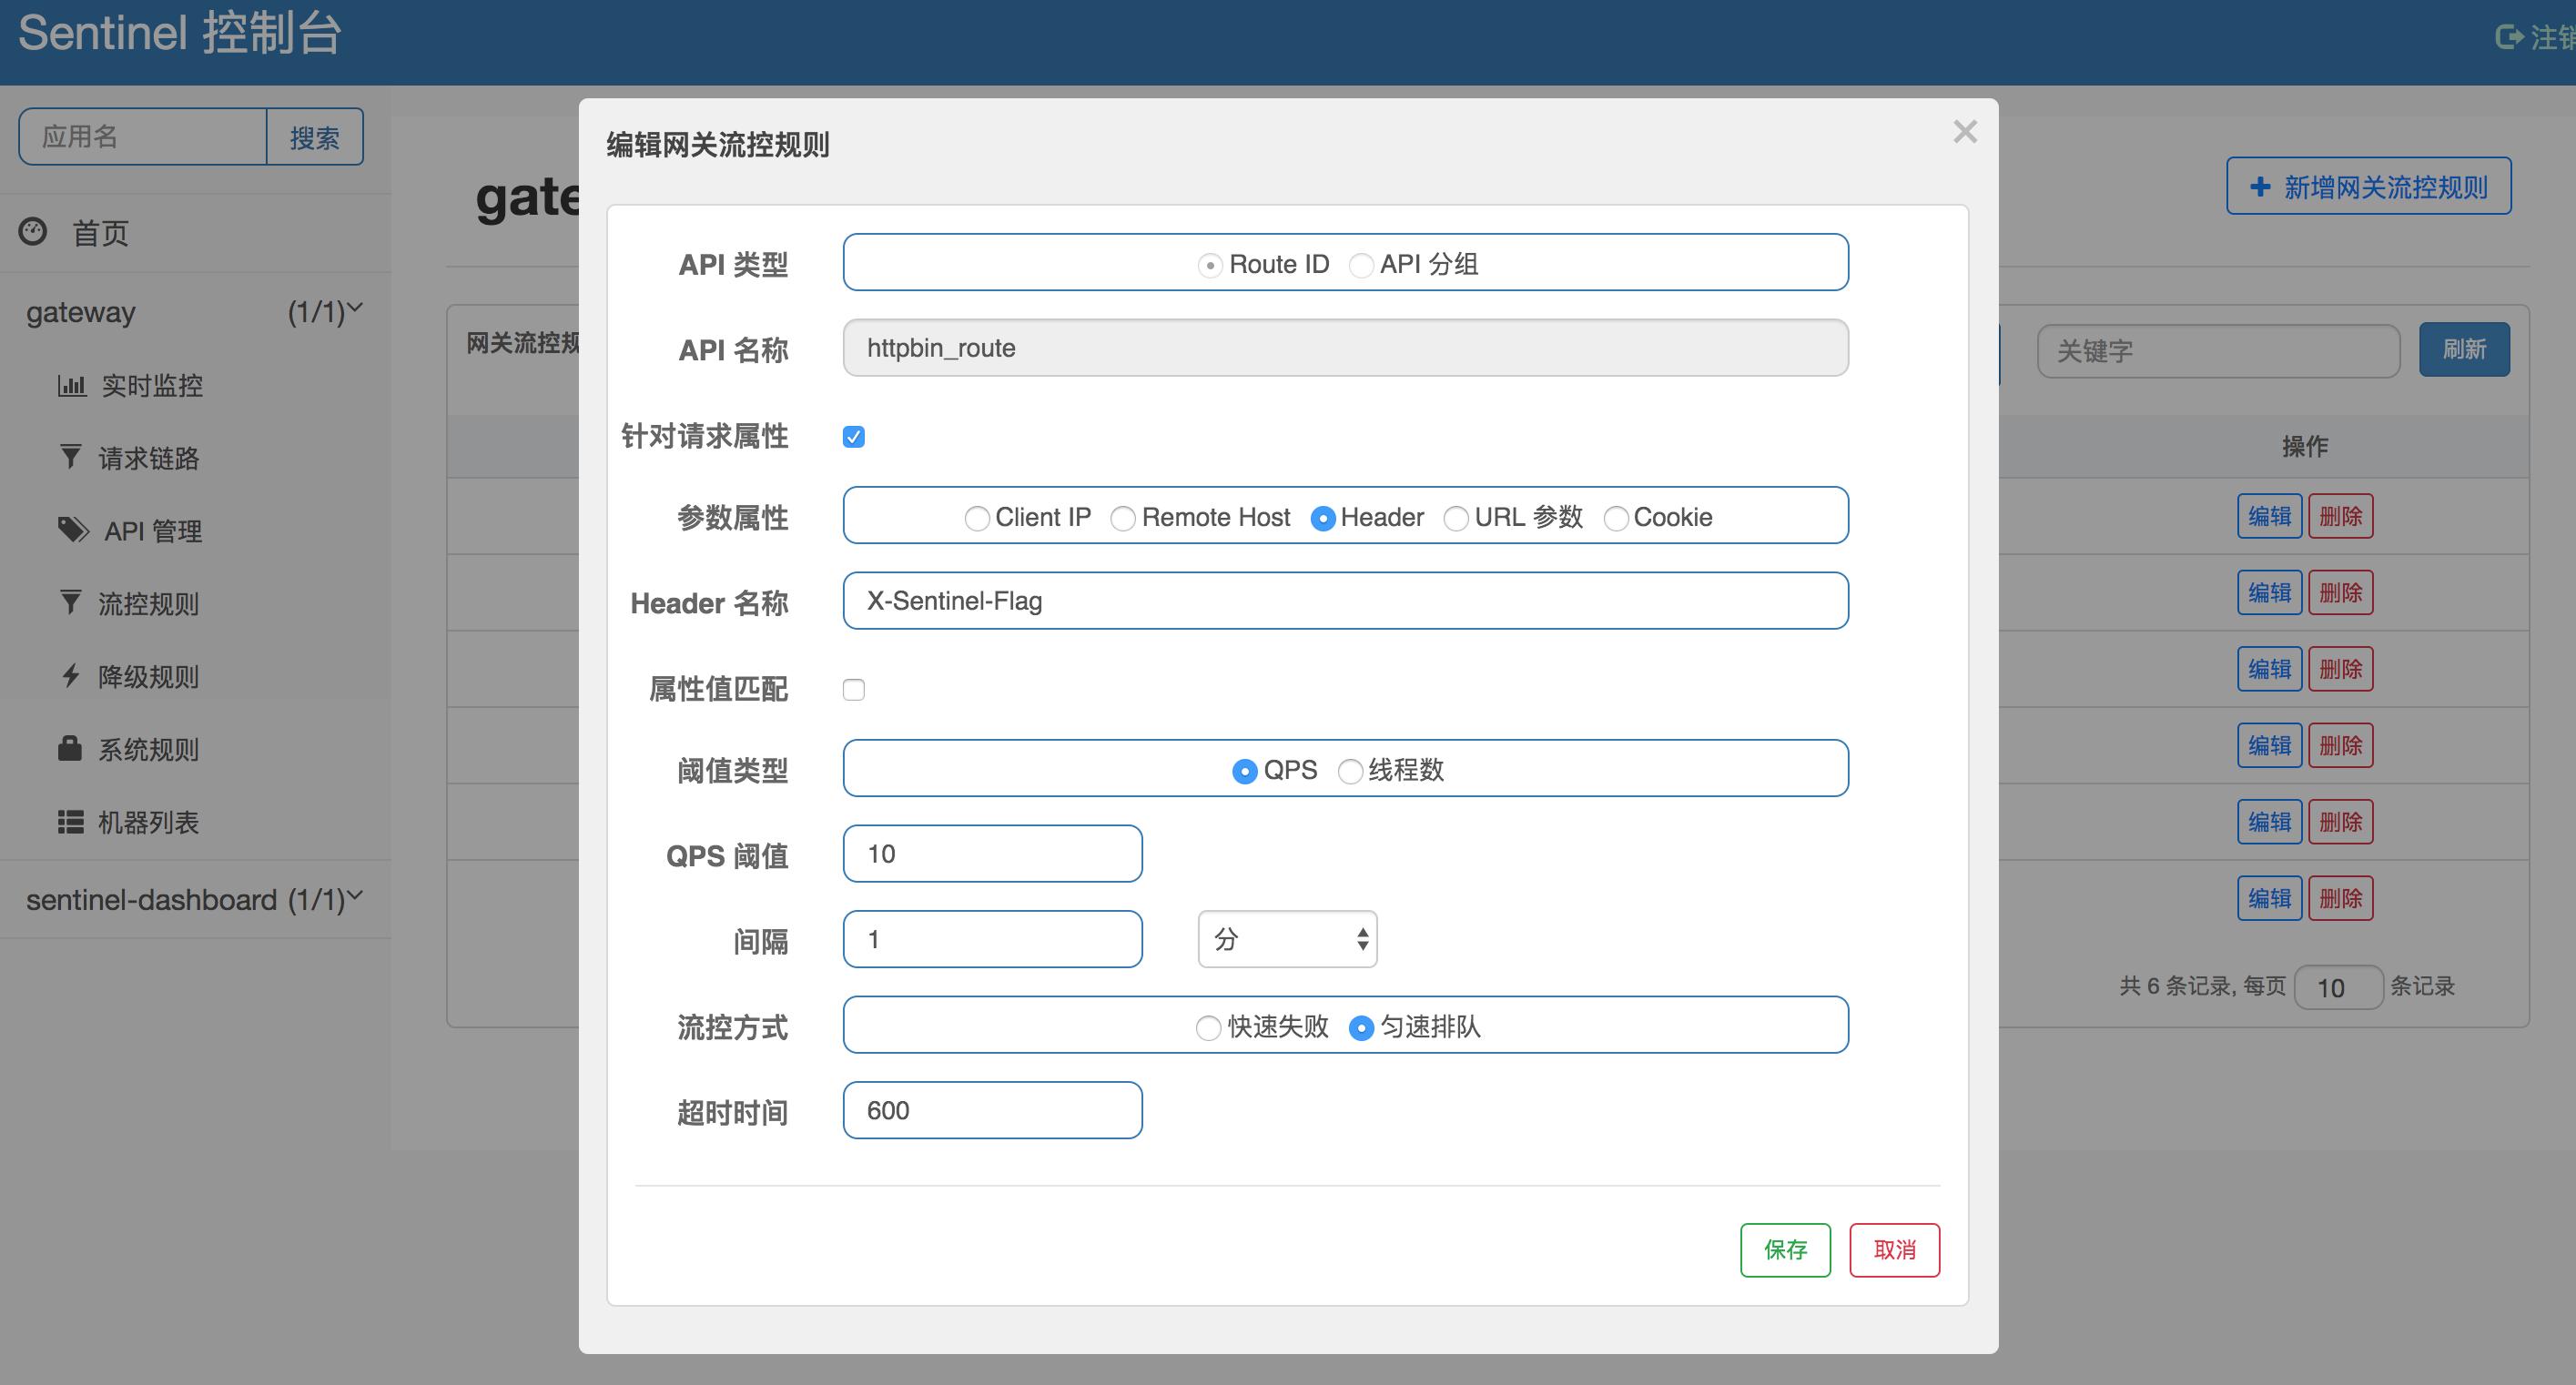 sentinel-dashboard-api-gateway-flow-rule